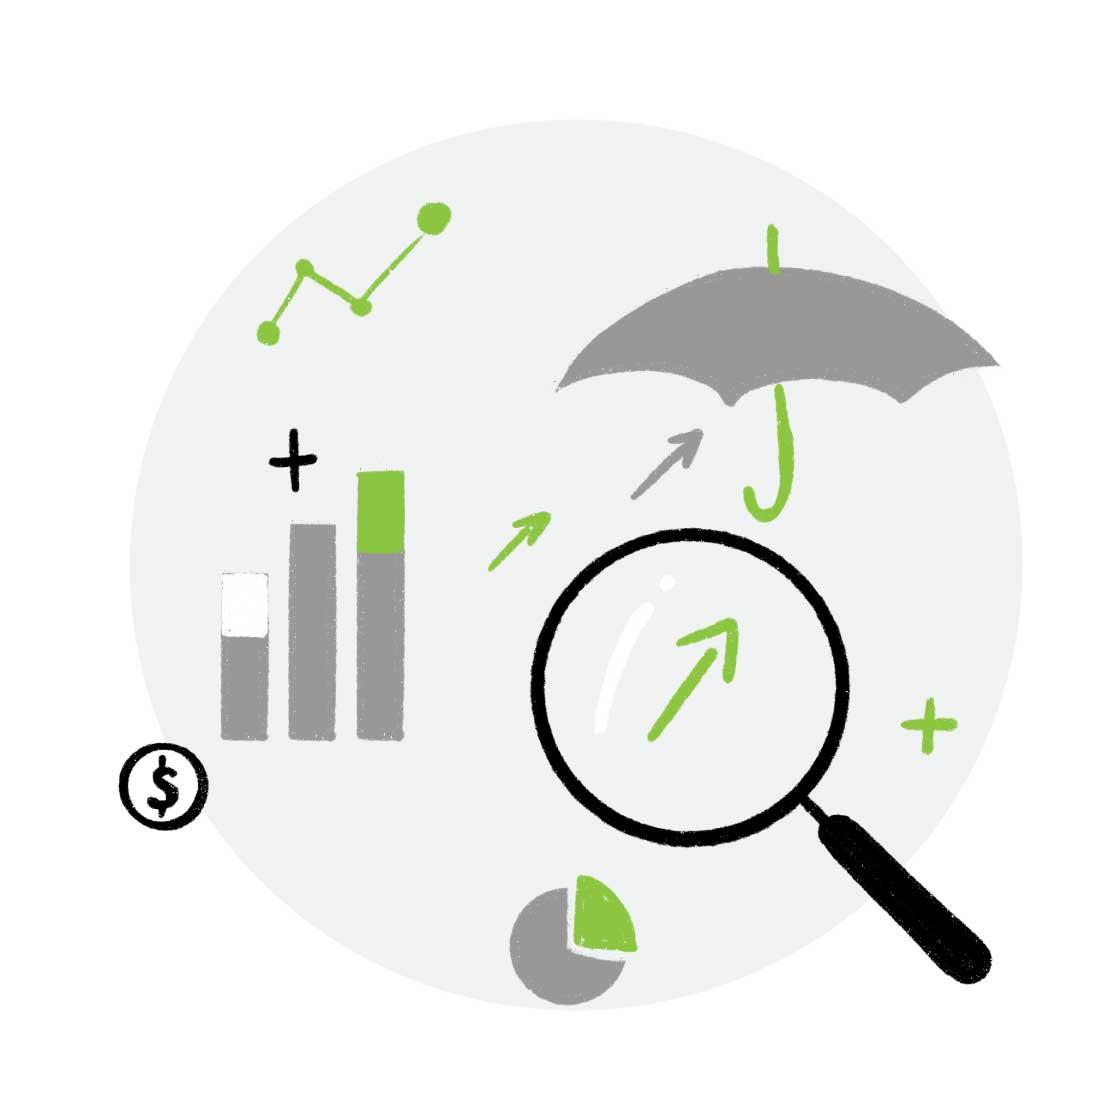 Analisi e gestione finanziaria